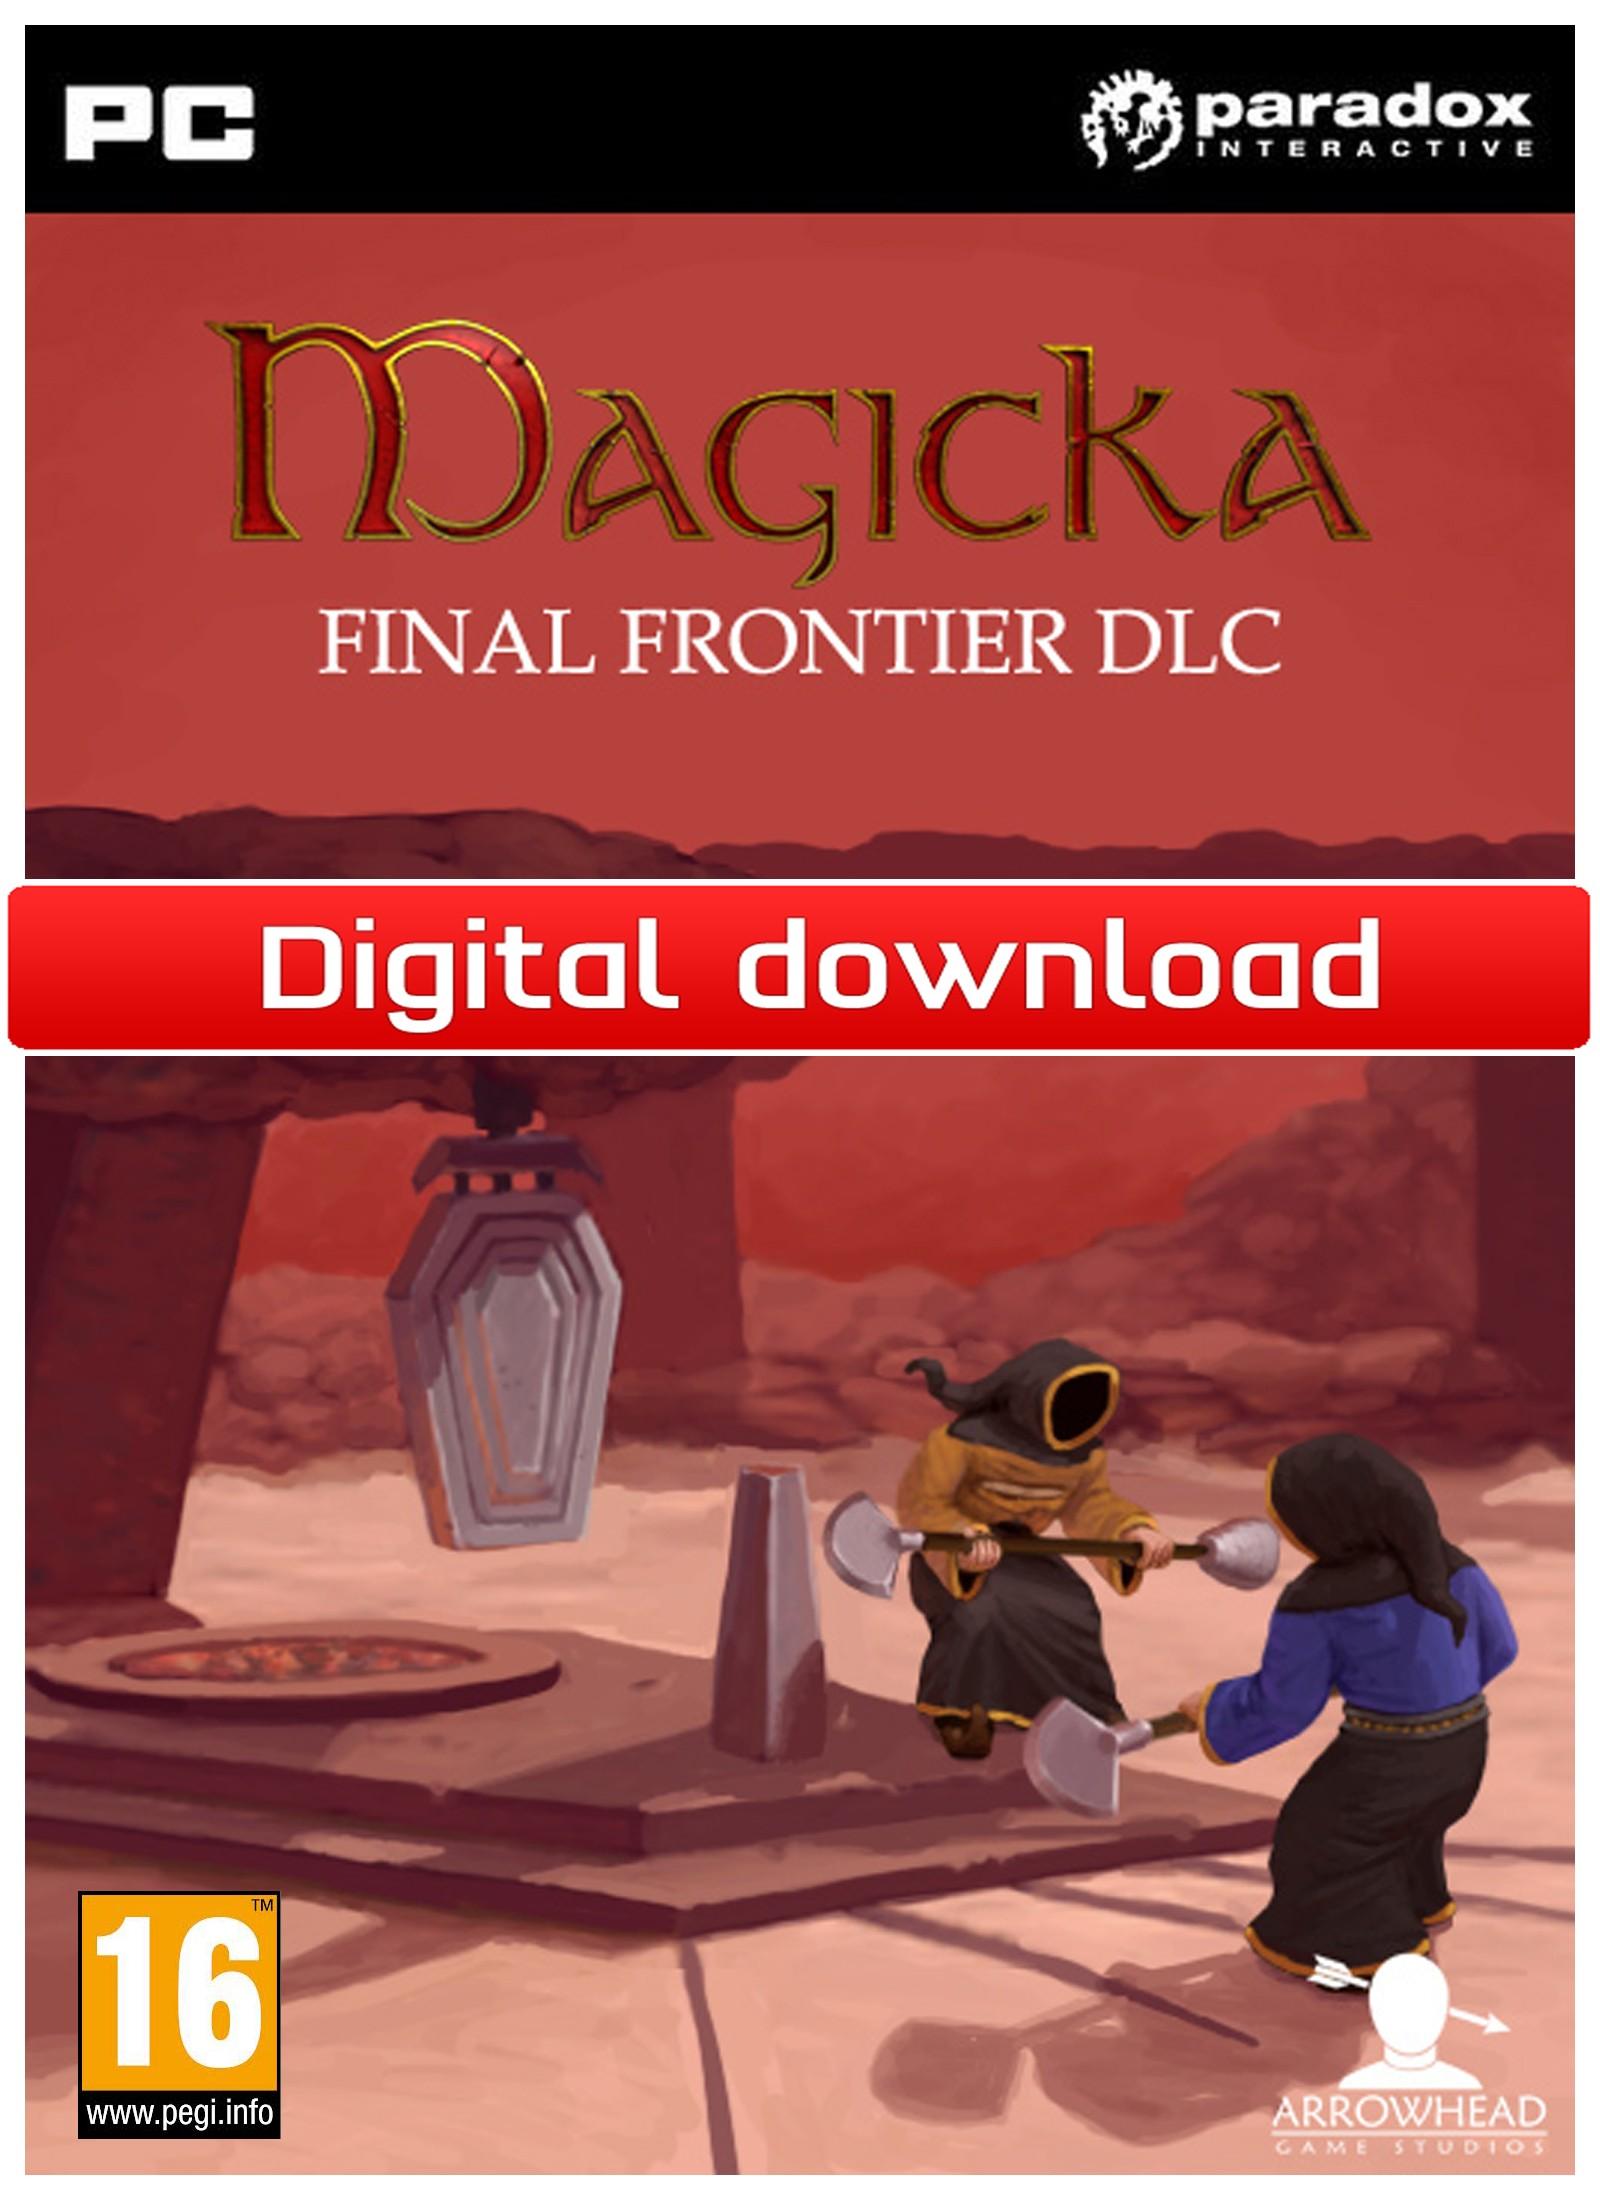 Magicka: DLC Final Frontier (PC nedlastning) PCDD27081